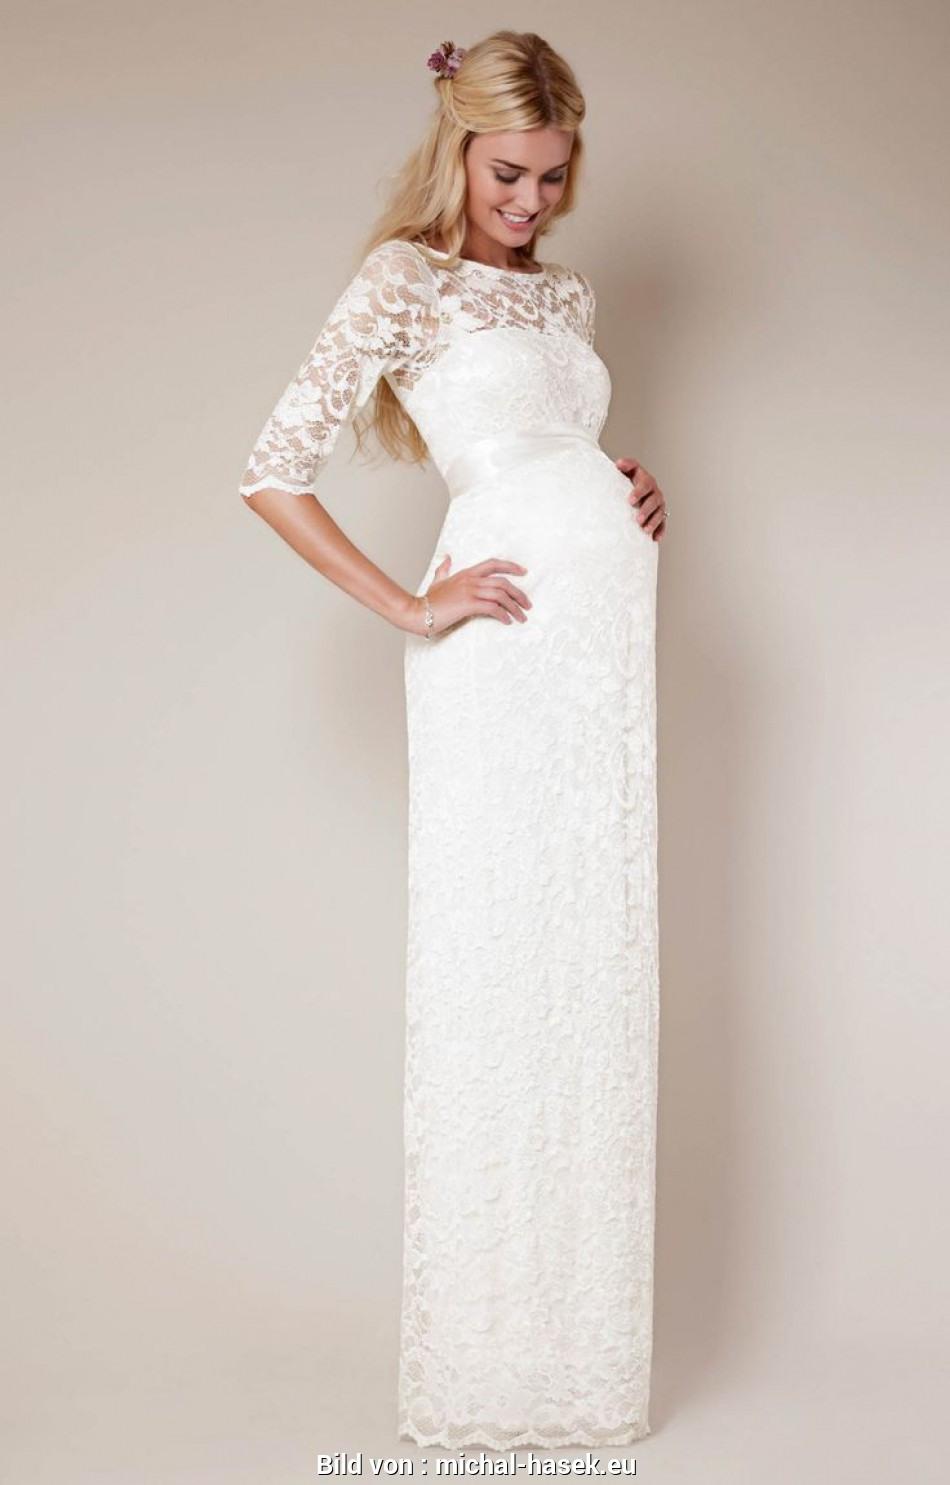 13 Spektakulär Umstandsmode Abendkleid Design - Abendkleid